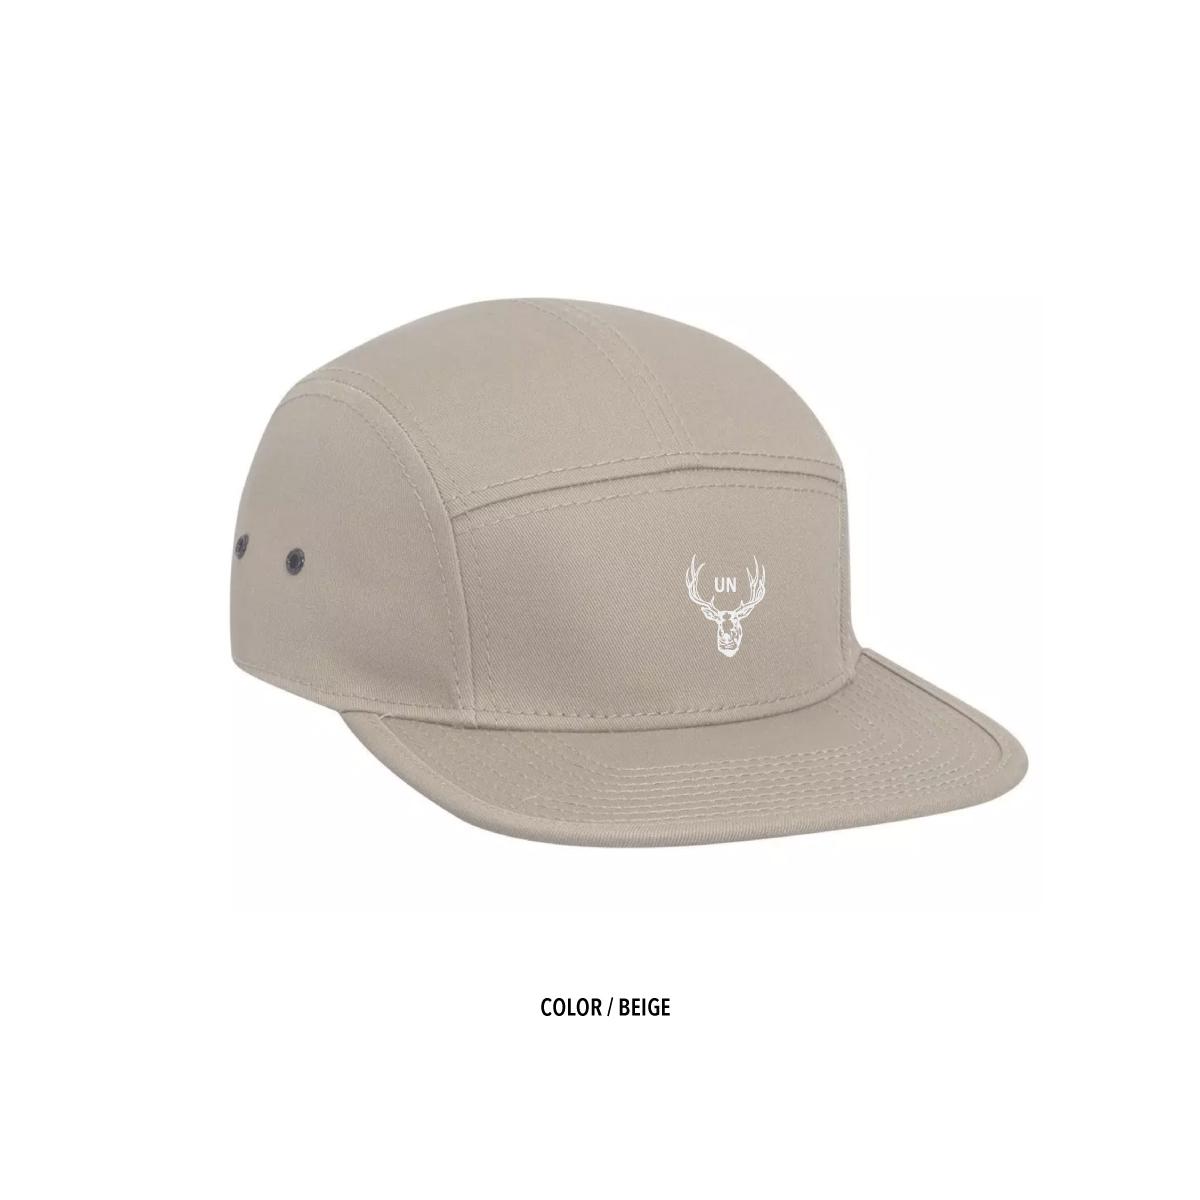 CAMPER HAT / FLAT BISER